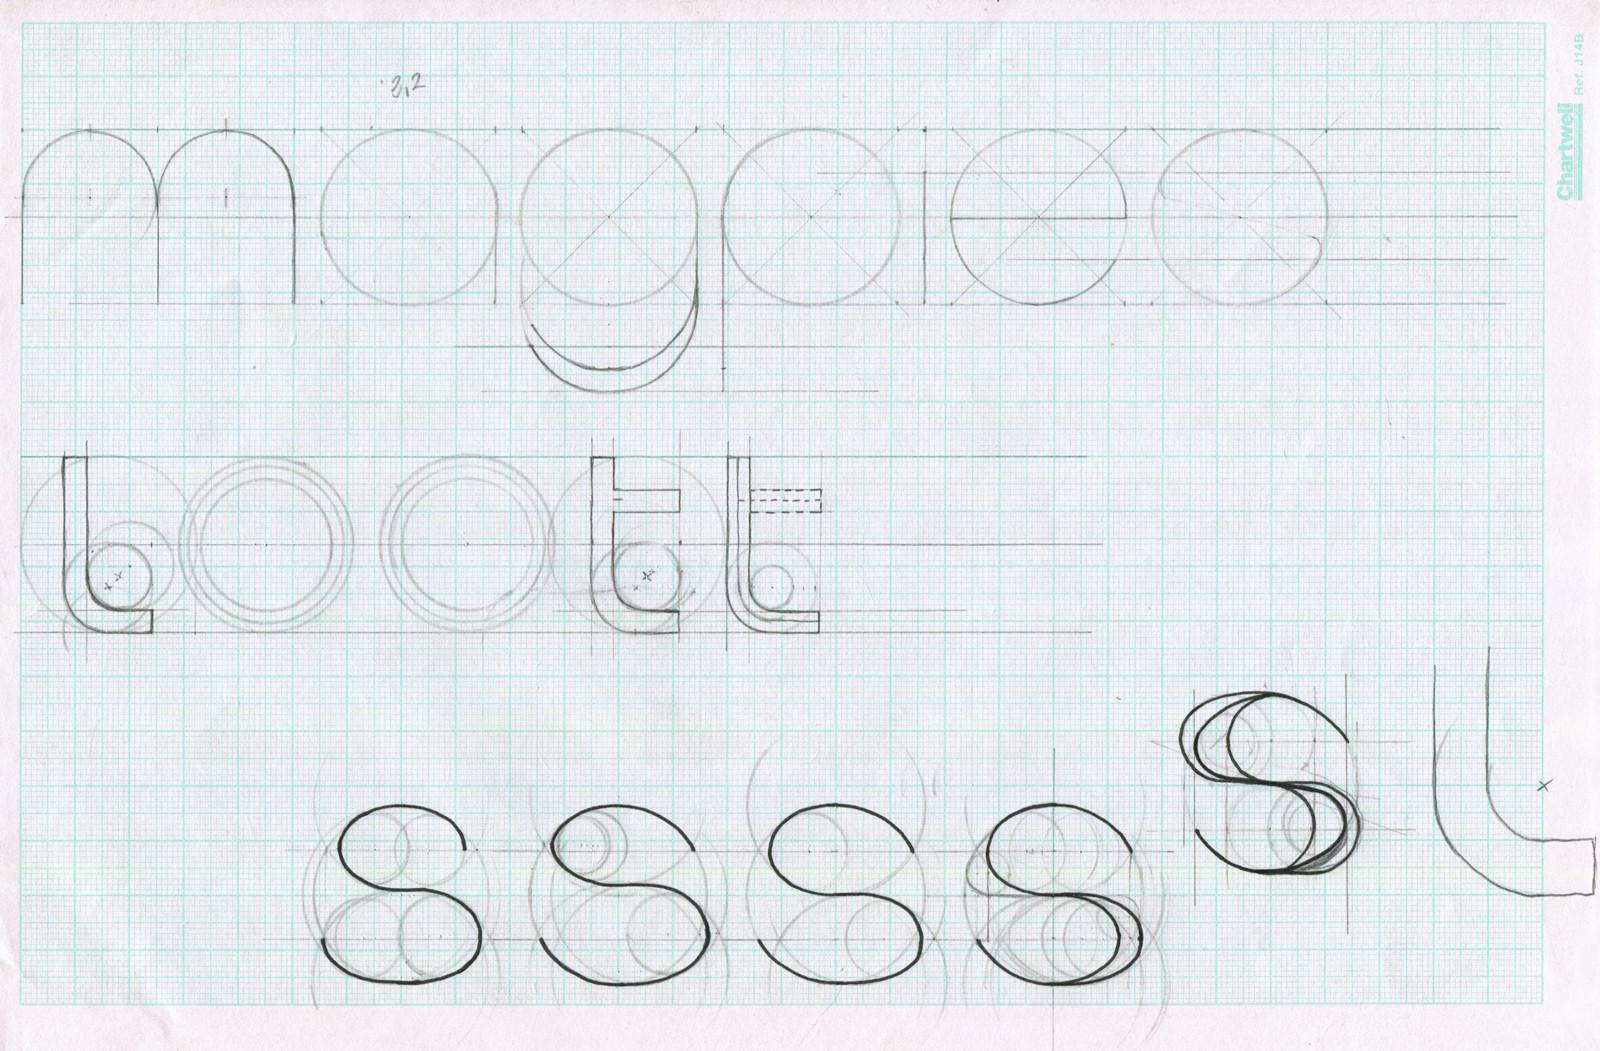 magpies-loot-logo-design-sketchbook3-mar